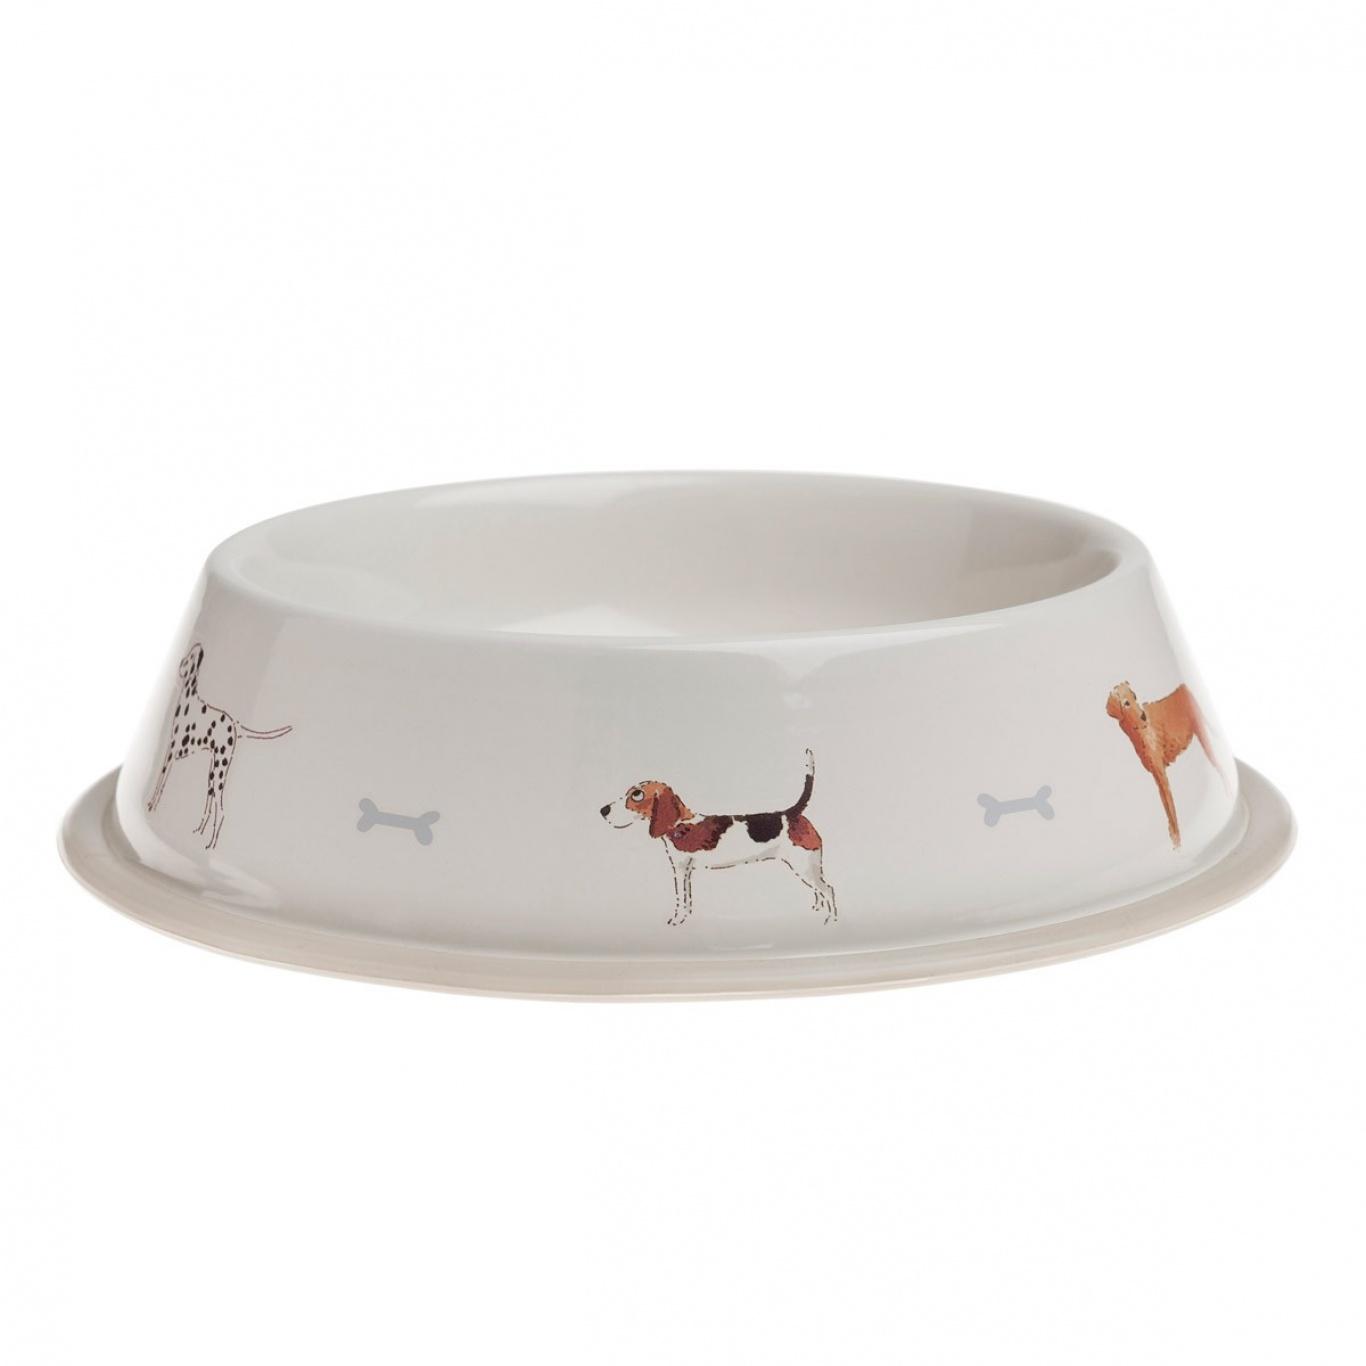 Image of Sophie Allport Woof! Dog Bowl